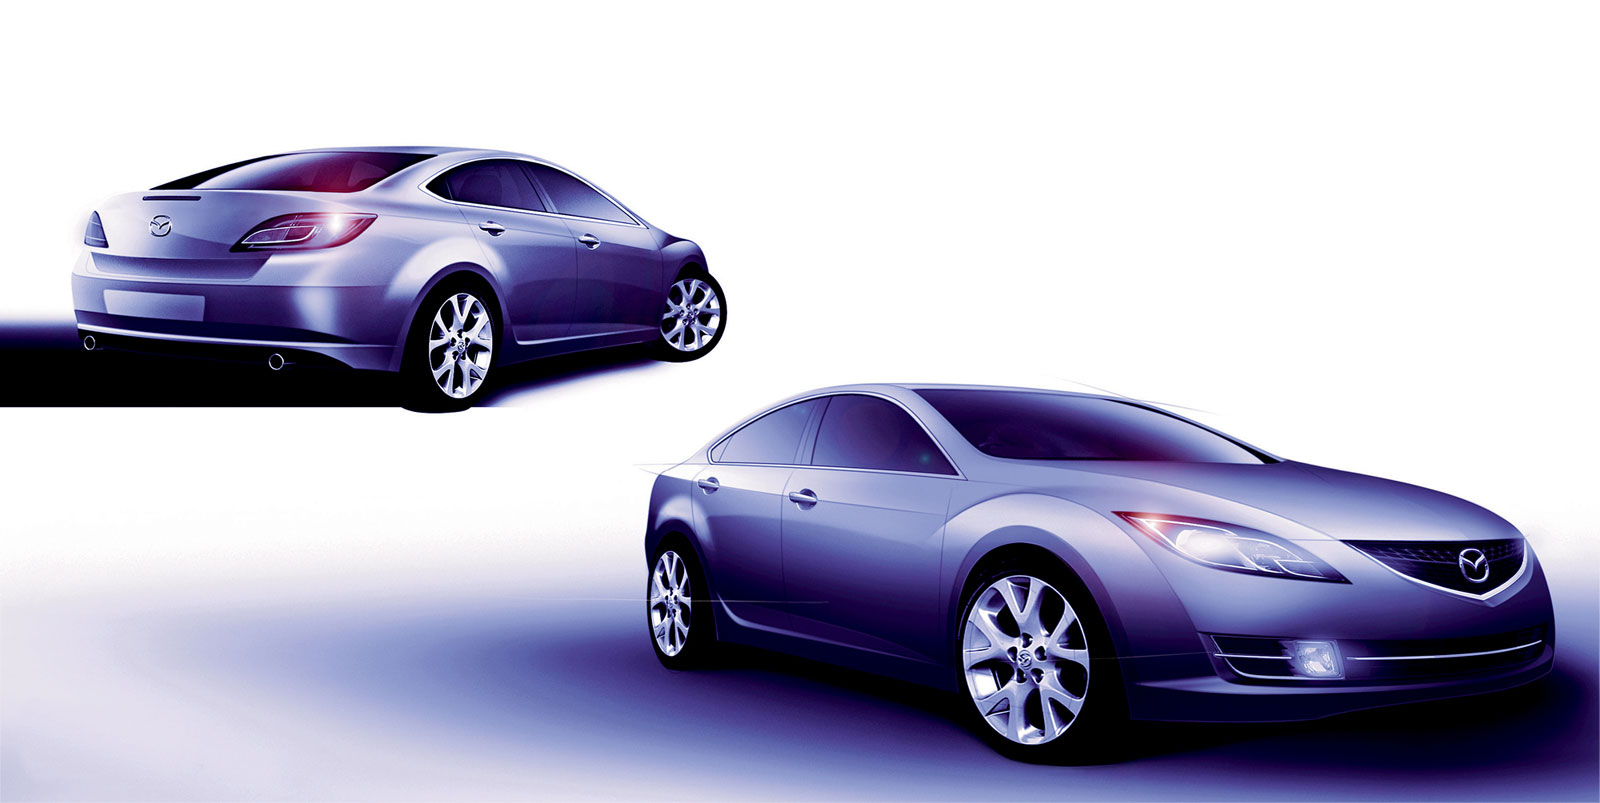 [Présentation] Le design par Mazda - Page 2 Mazda-6-Design-Sketch-5-lg